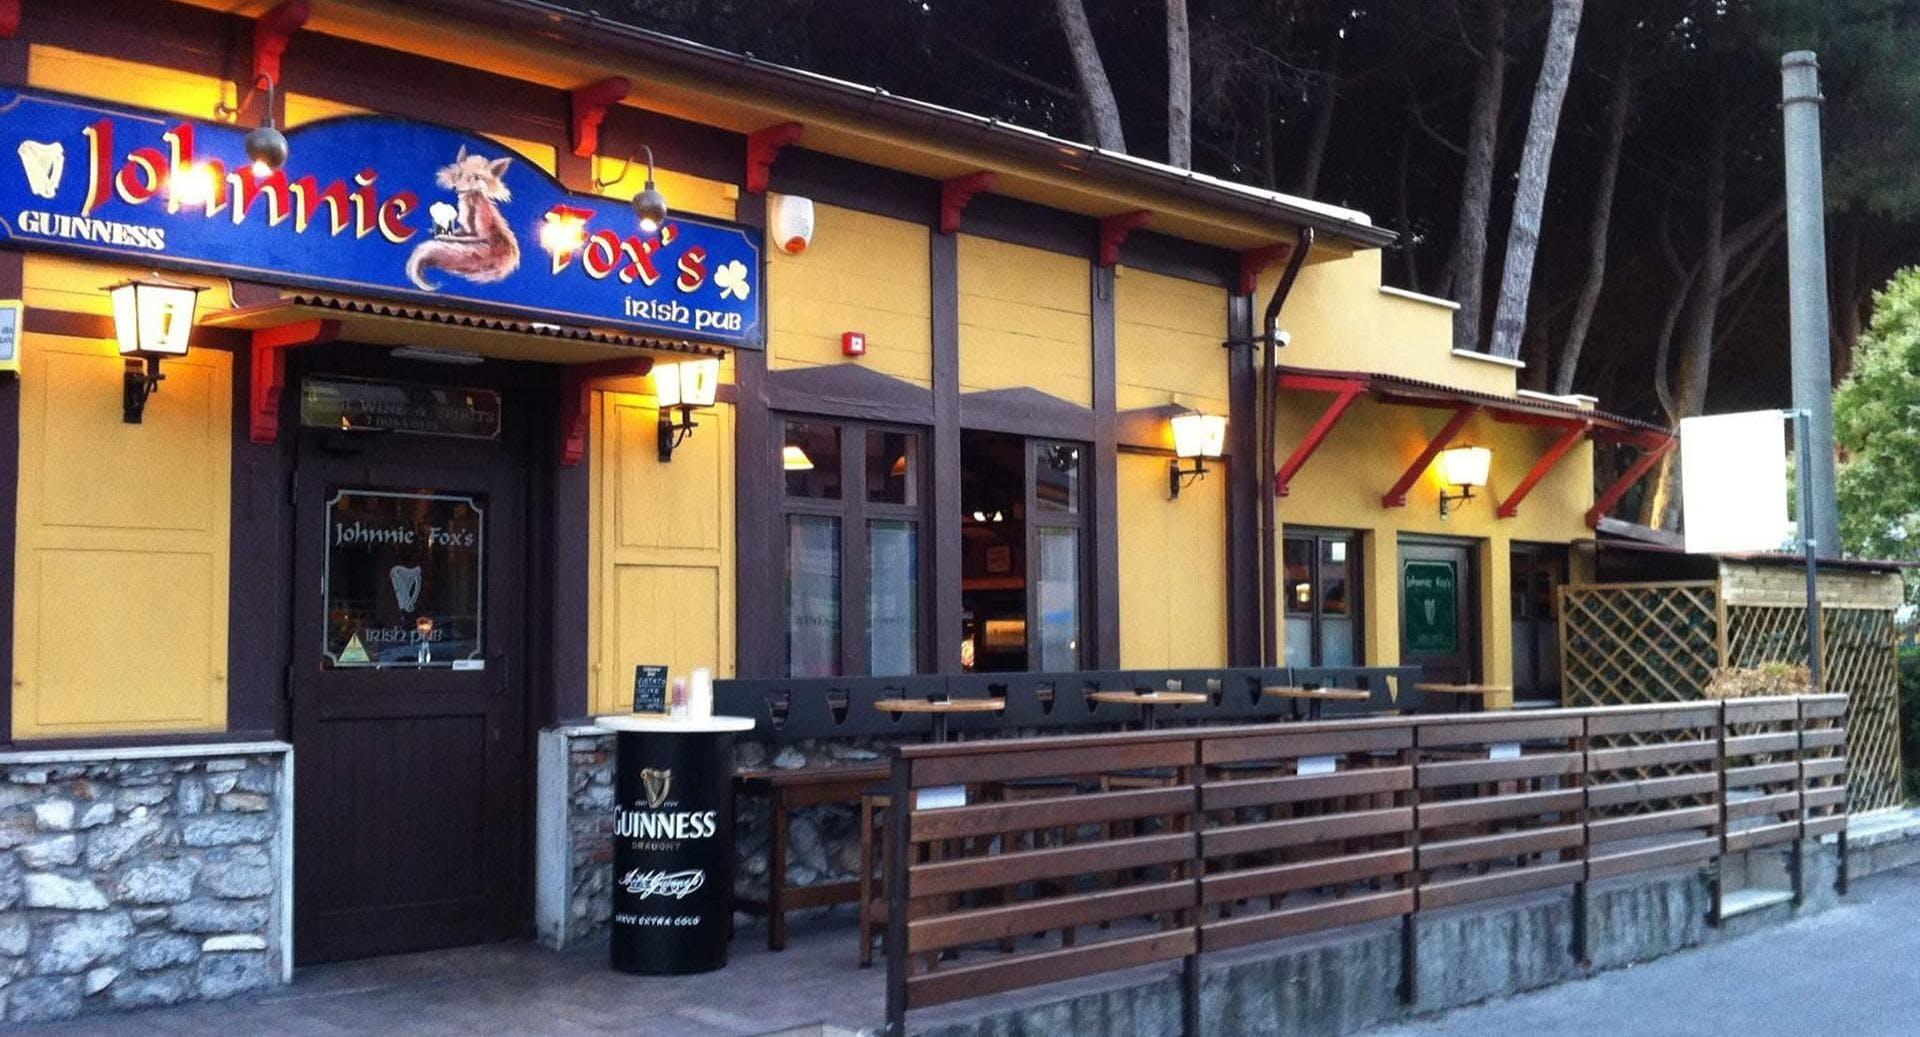 Johnnie Fox's Pub Carrara image 3